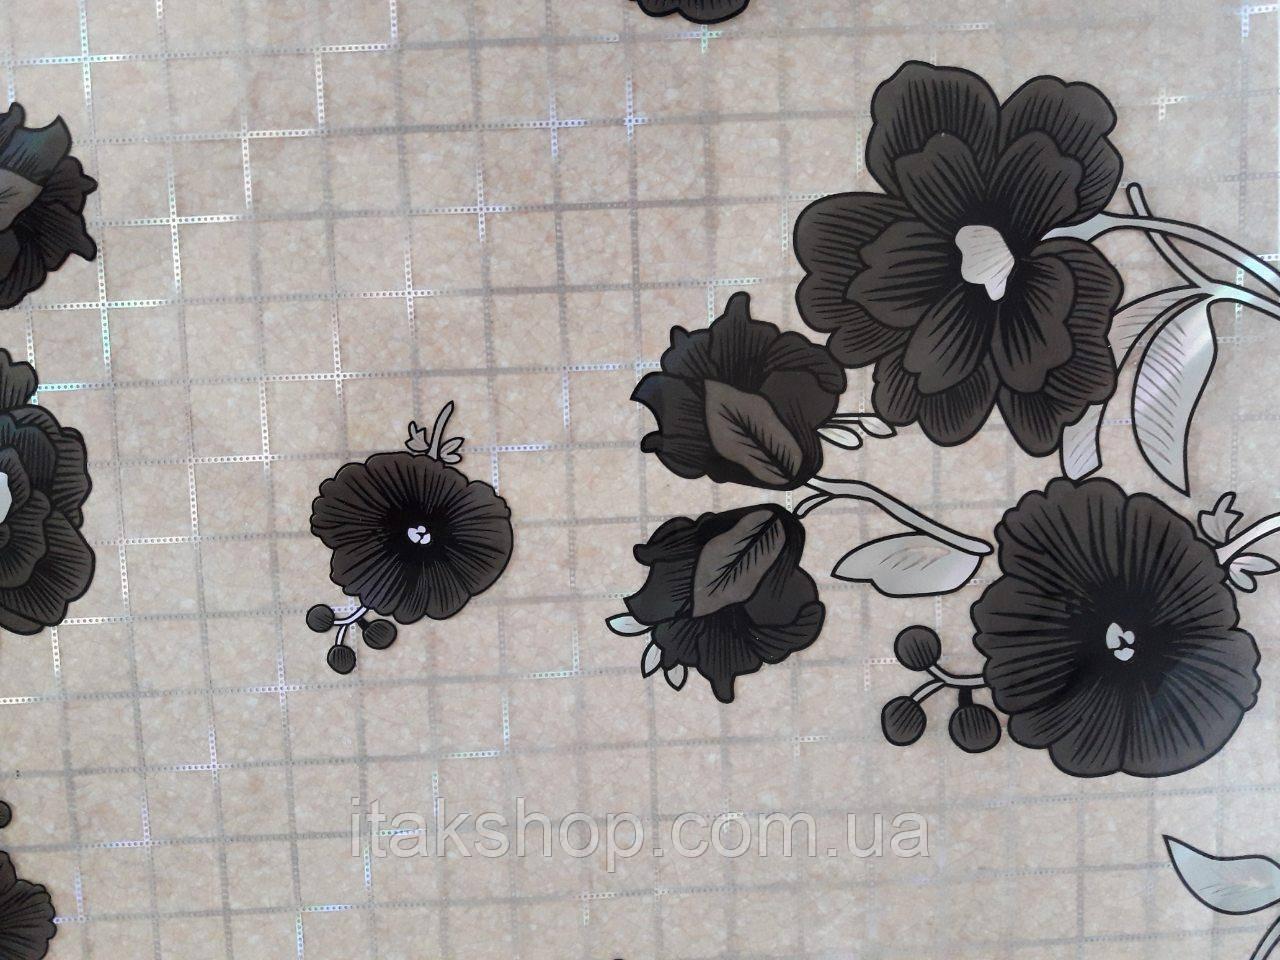 М'яке скло Скатертину з лазерним малюнком Soft Glass 2.3х0.8м товщина 1.5 мм Чорні квіточки